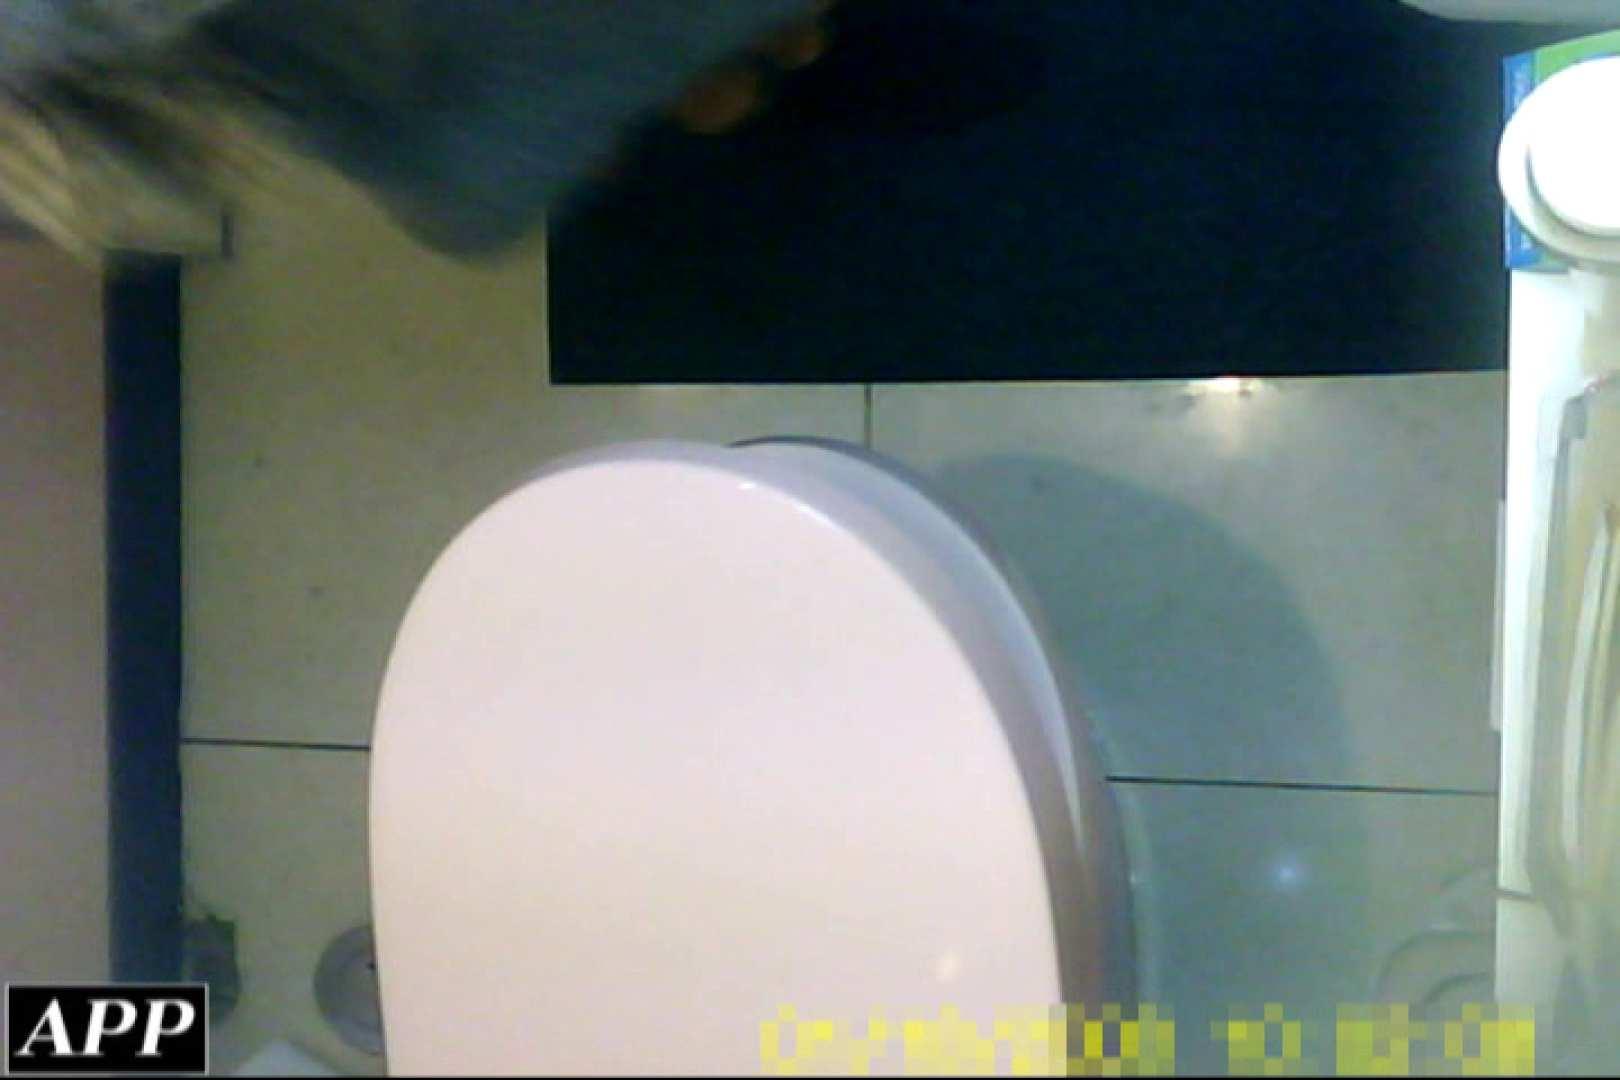 3視点洗面所 vol.25 マンコ オメコ無修正動画無料 107pic 93